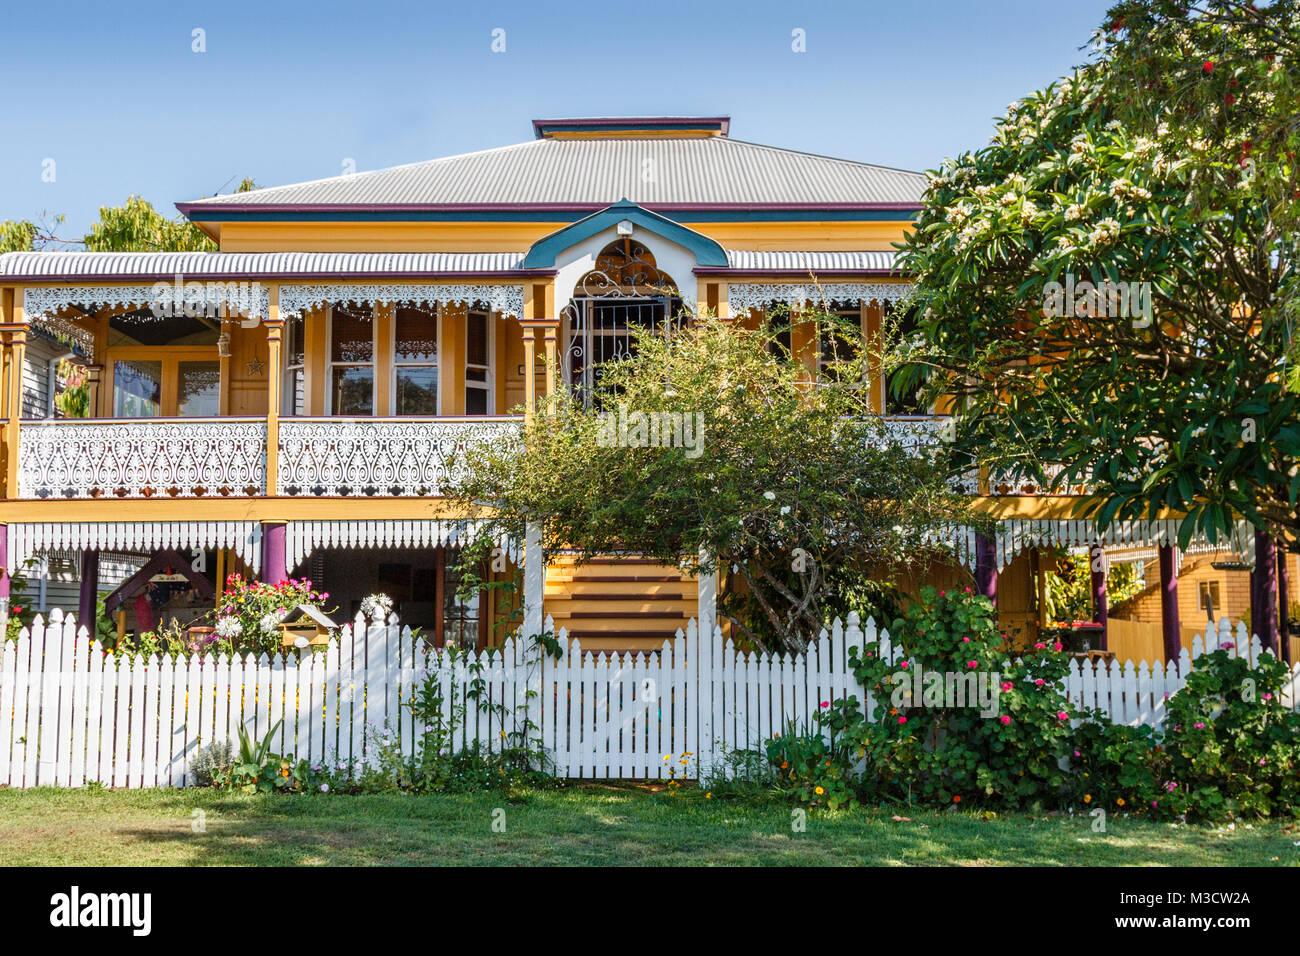 Ranch house australia stock photos ranch house australia for Ranch style homes australia